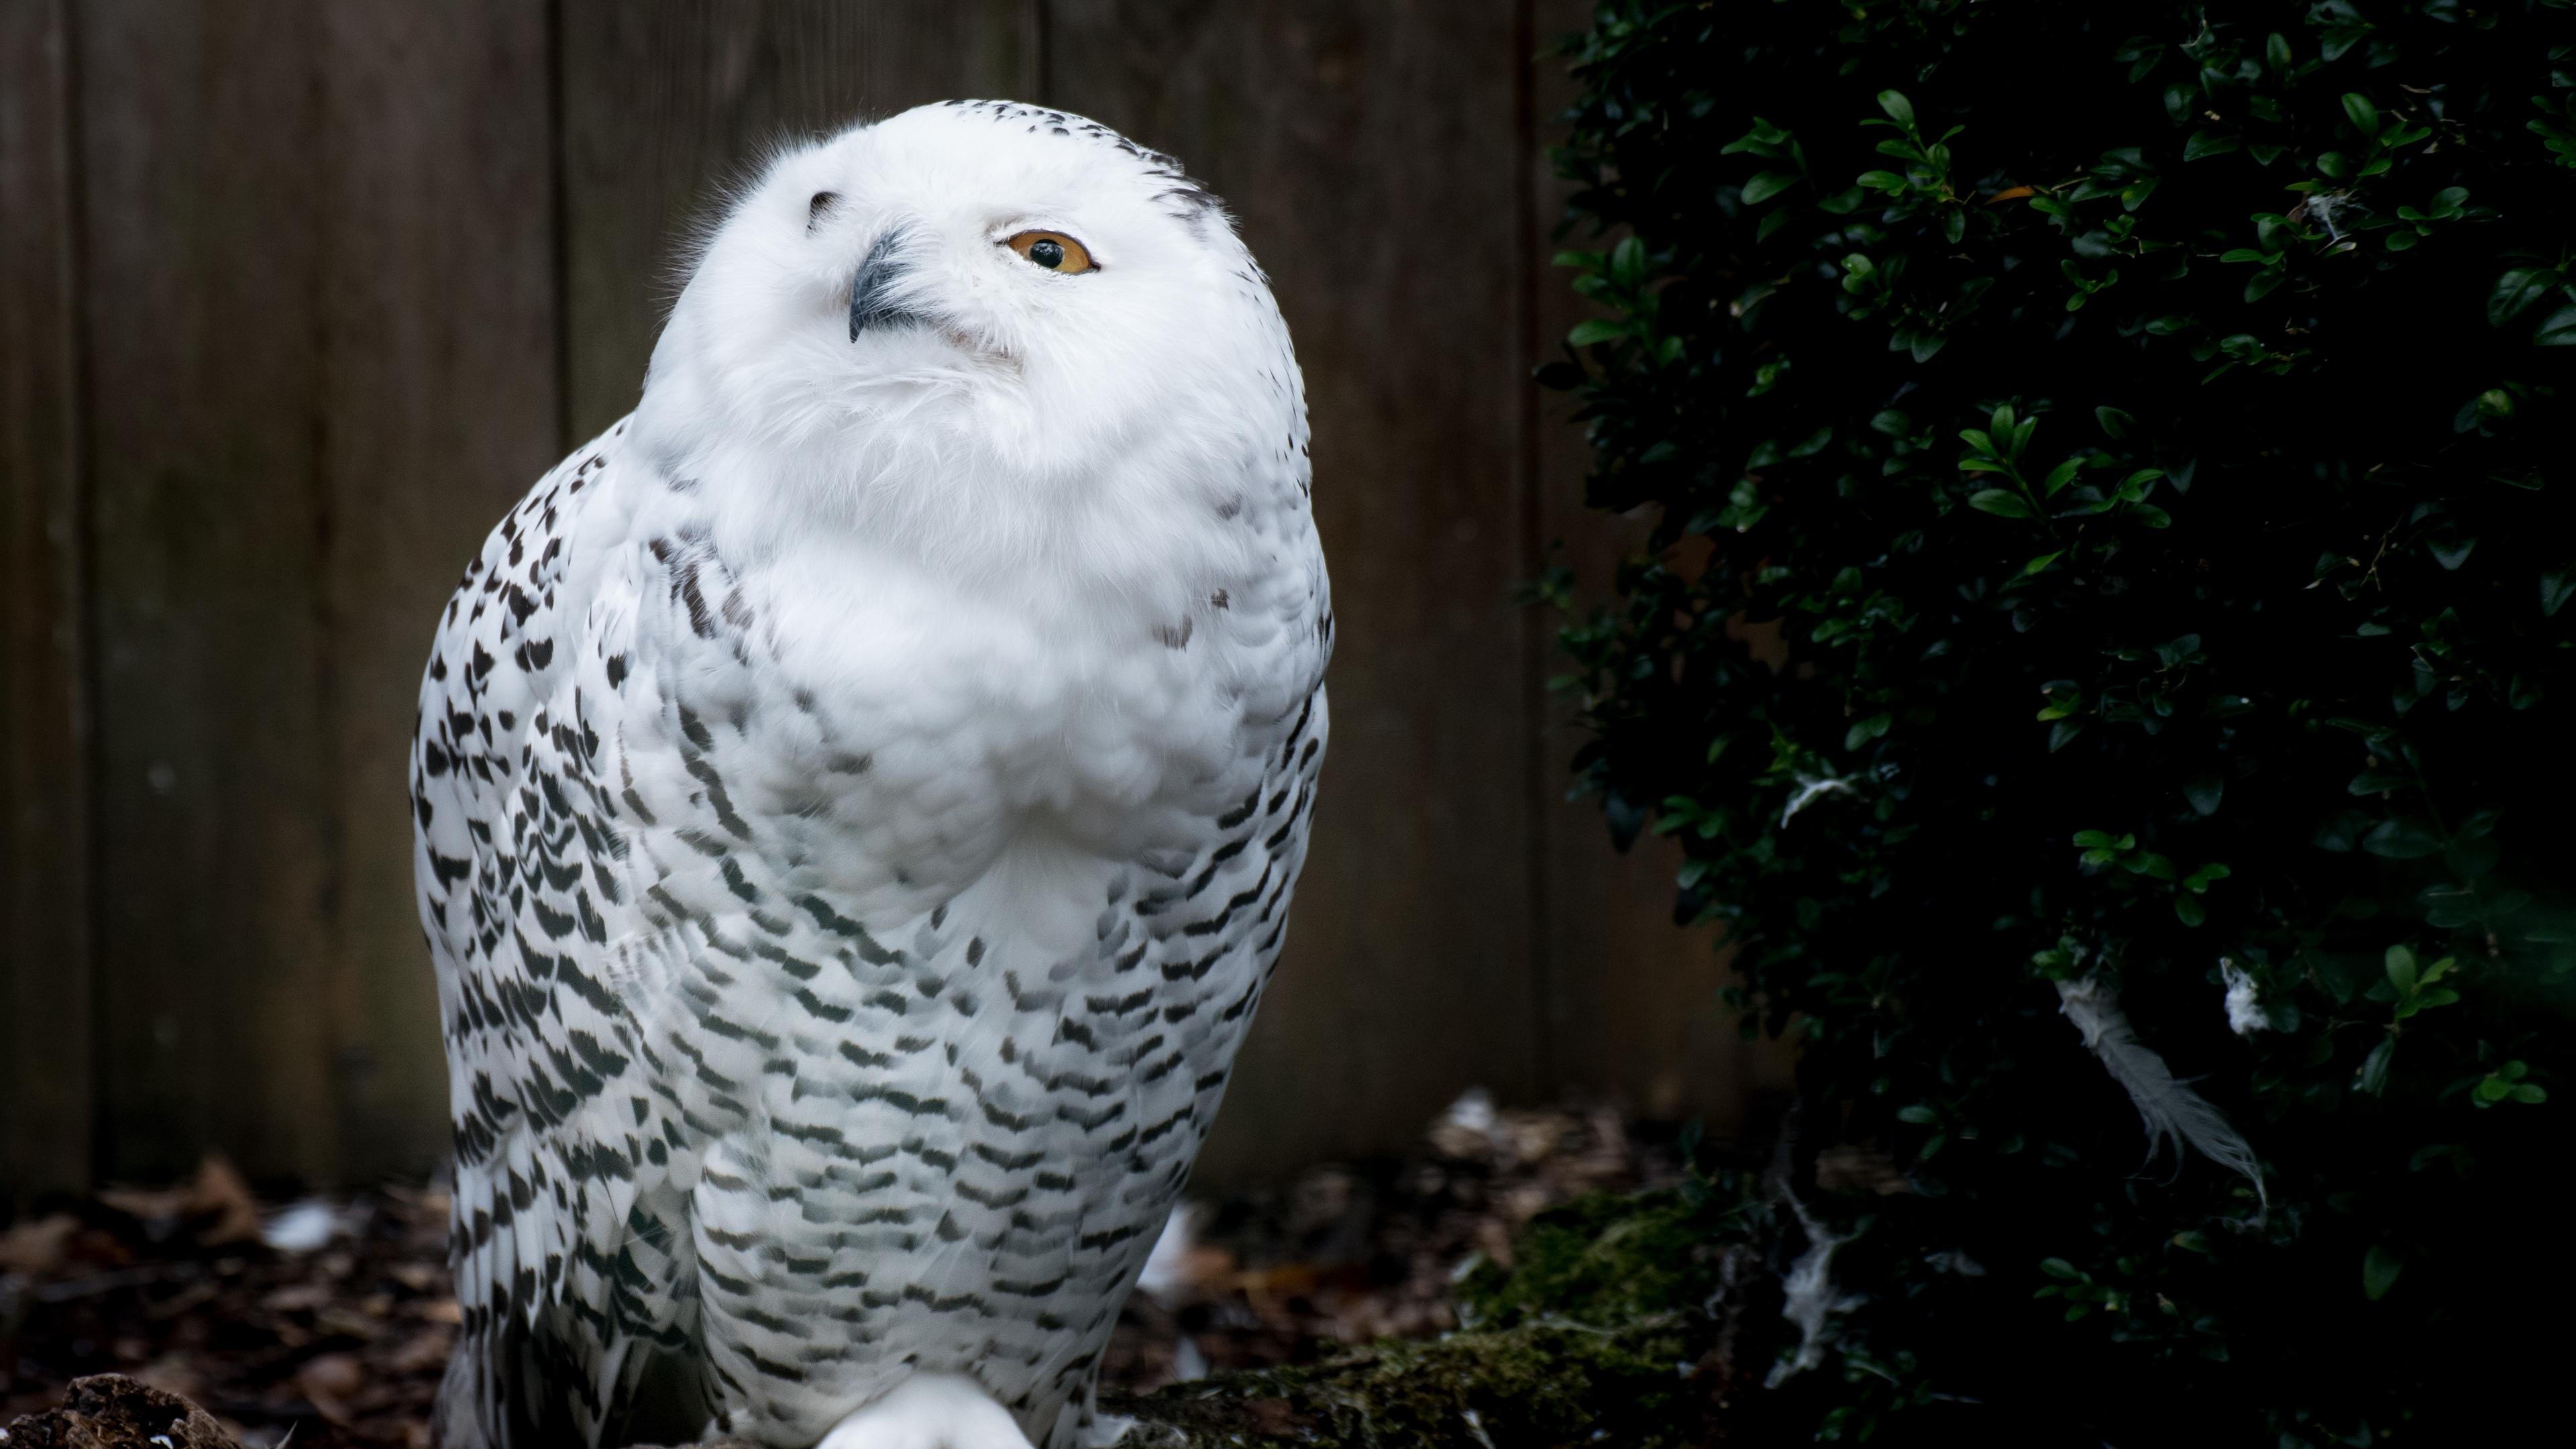 owl bird predator 4k 1542241881 - owl, bird, predator 4k - Predator, Owl, Bird